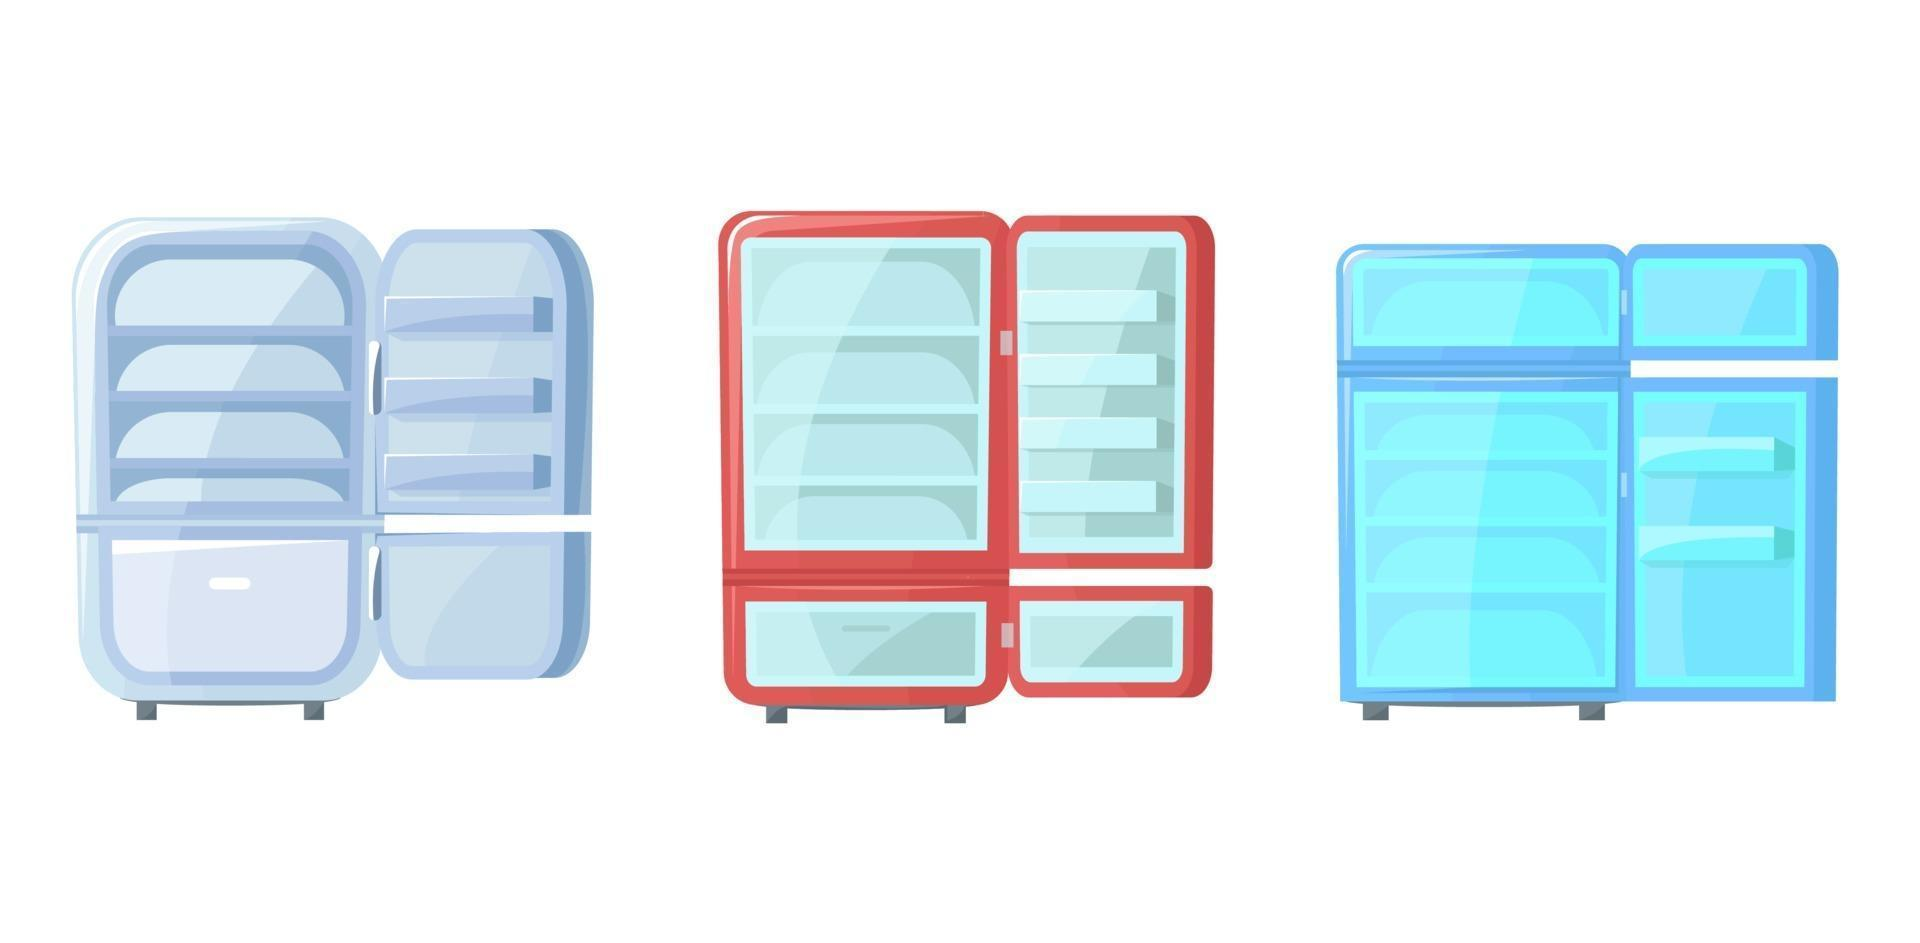 Satz offener leerer Kühlschrank. kostenlos verschiedene Kühlschränke. Vektorillustration im Cartoon-Stil. vektor